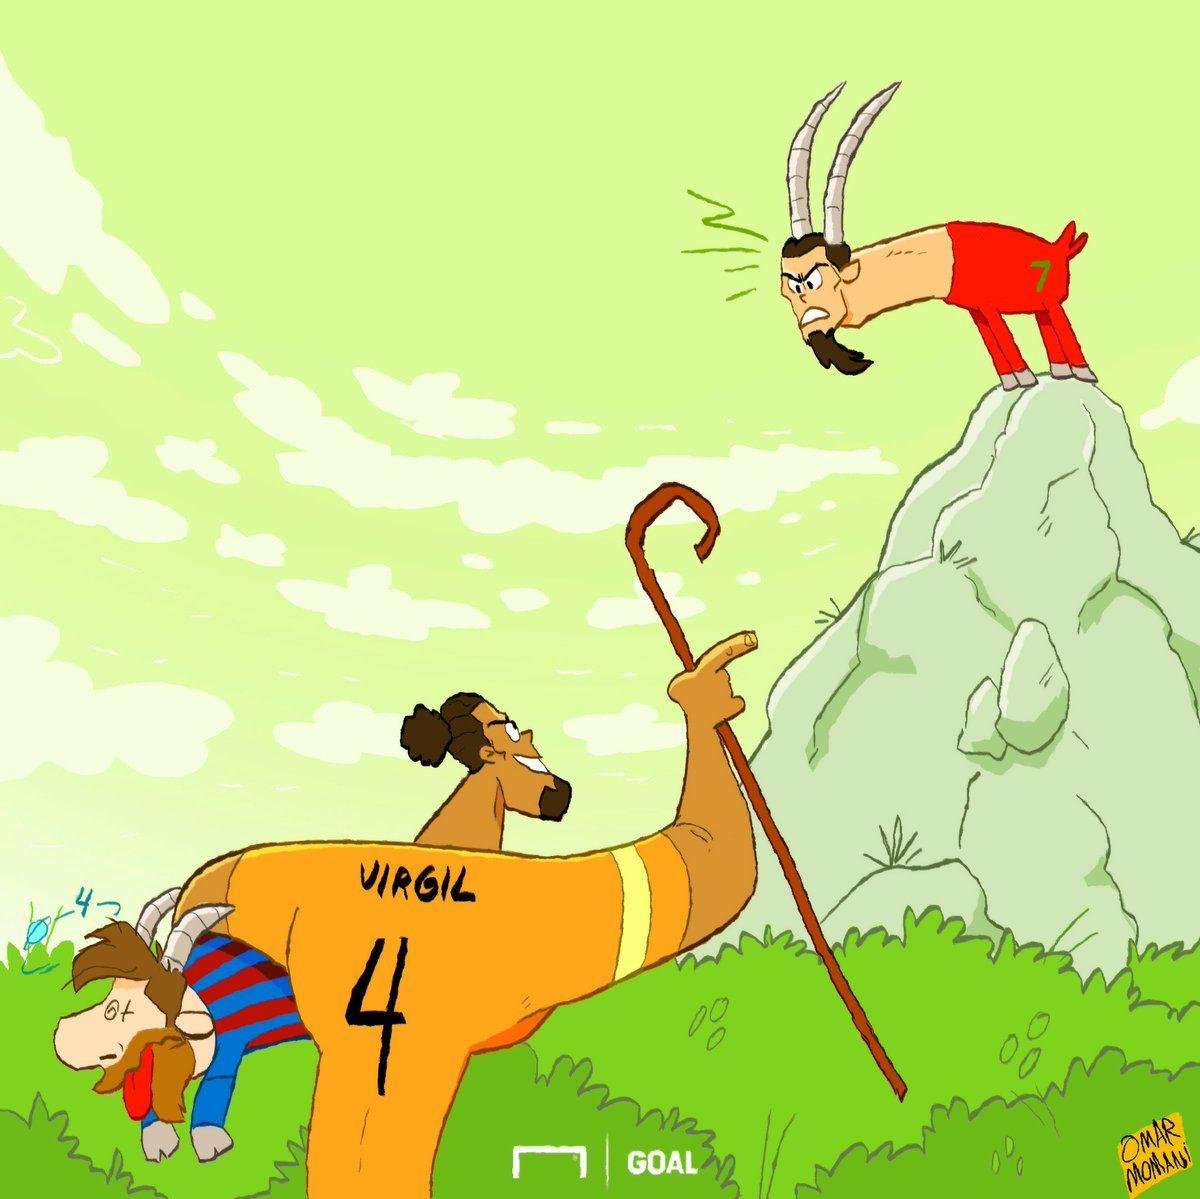 Omar Momanidan yangi karikatura: Gollandiyalik cho'pon ikkinchi echkini ham qo'lga tushirmoqchi